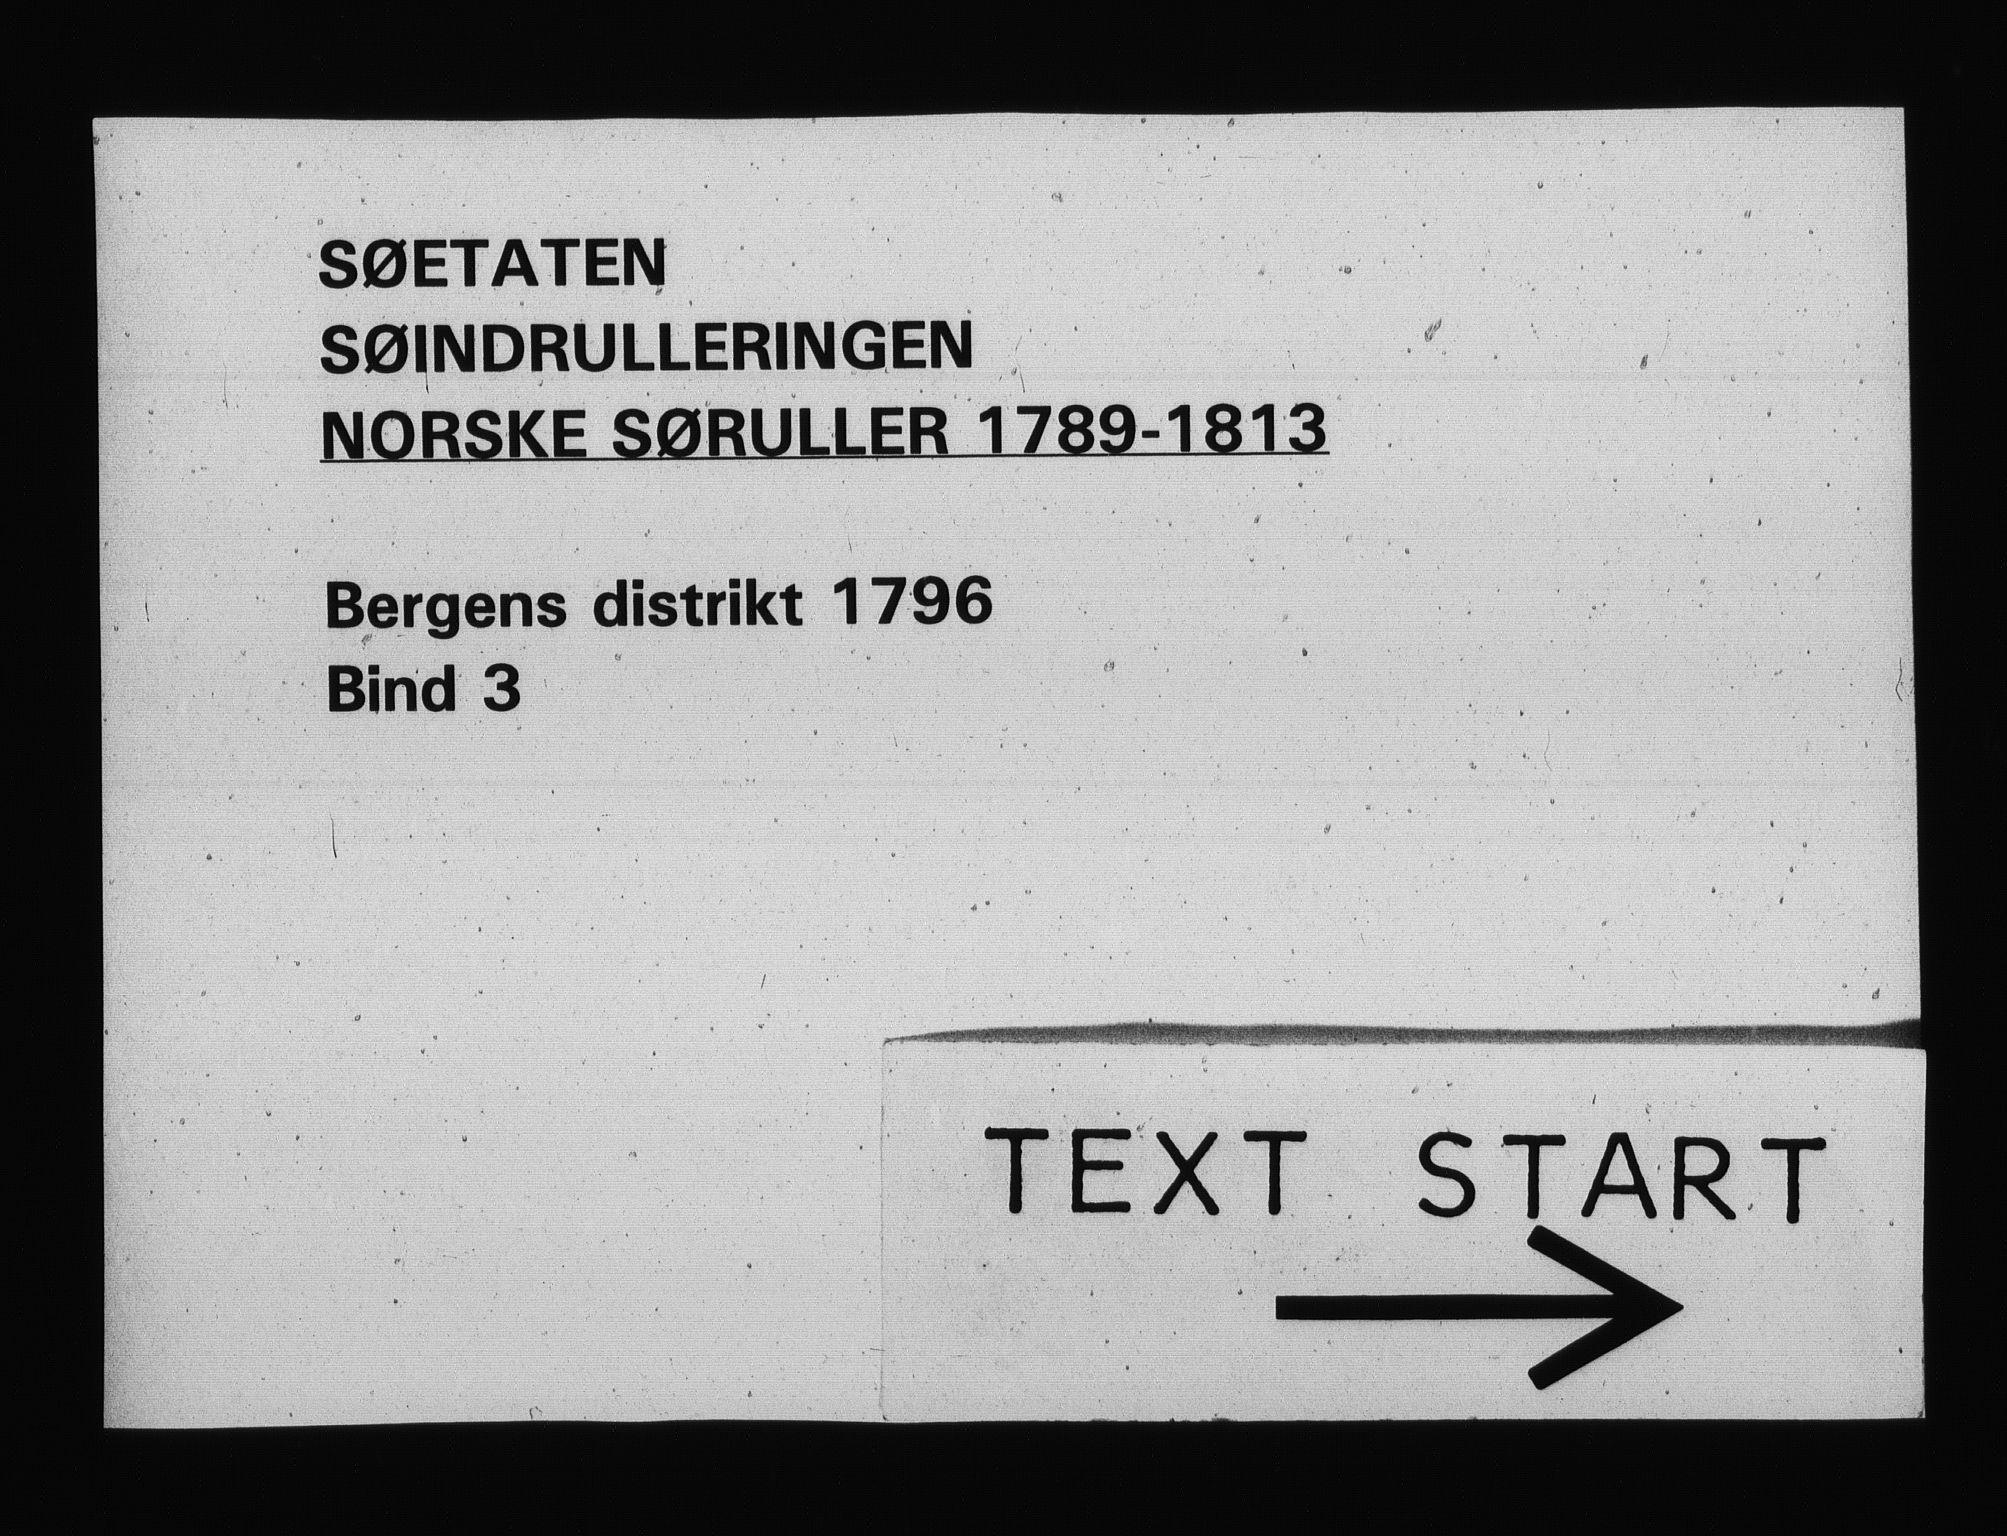 RA, Sjøetaten, F/L0225: Bergen distrikt, bind 3, 1796